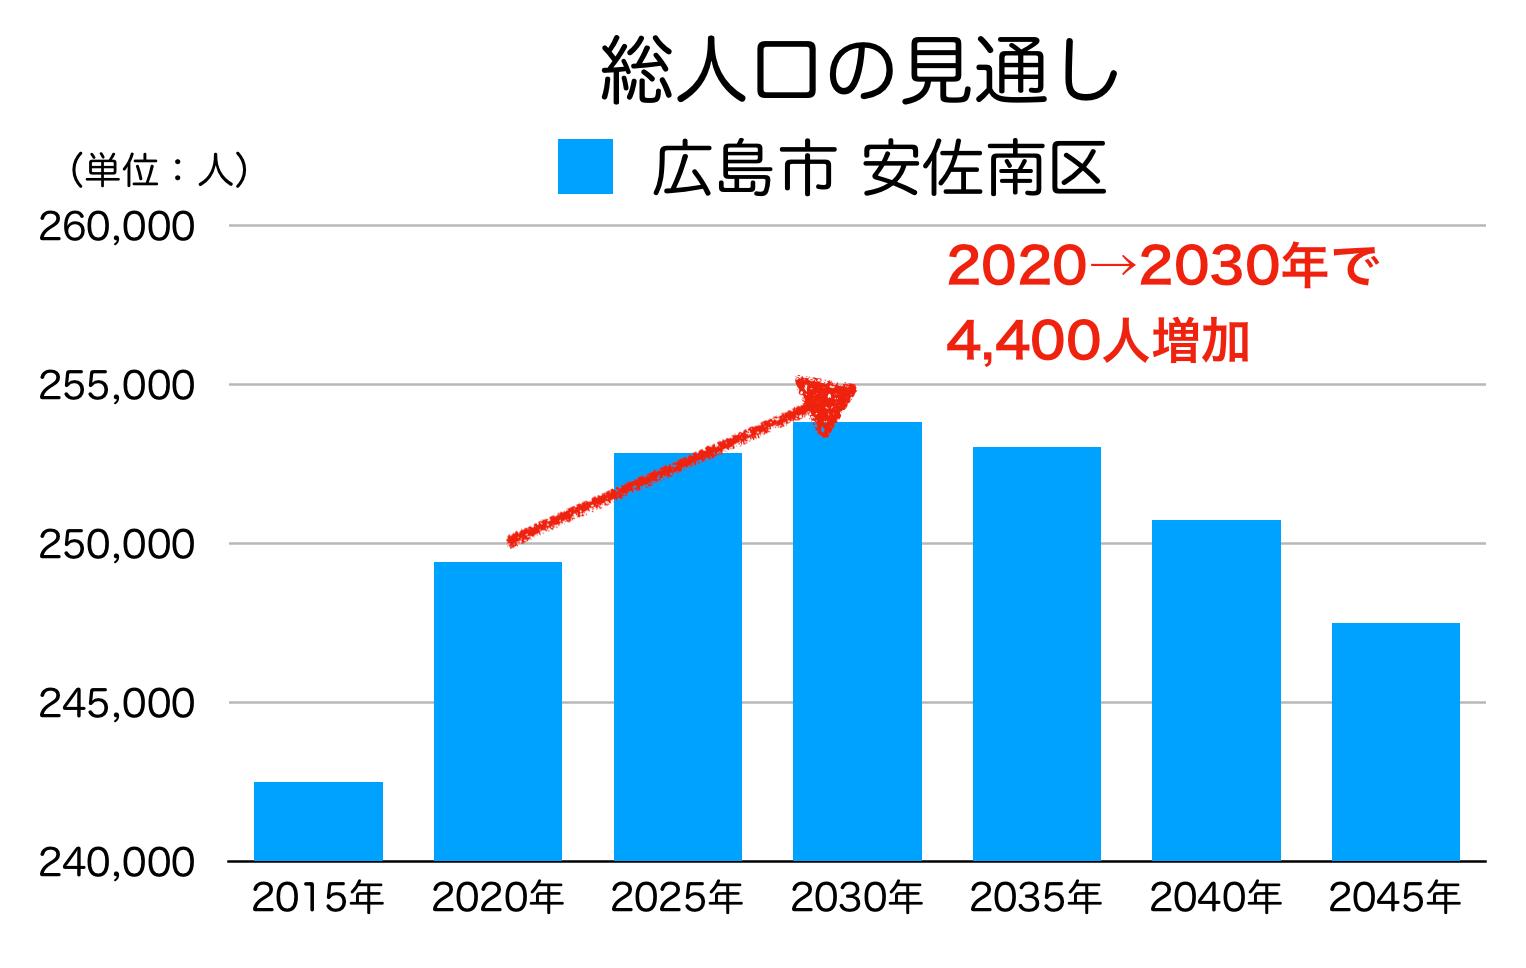 広島市安佐南区の人口予測